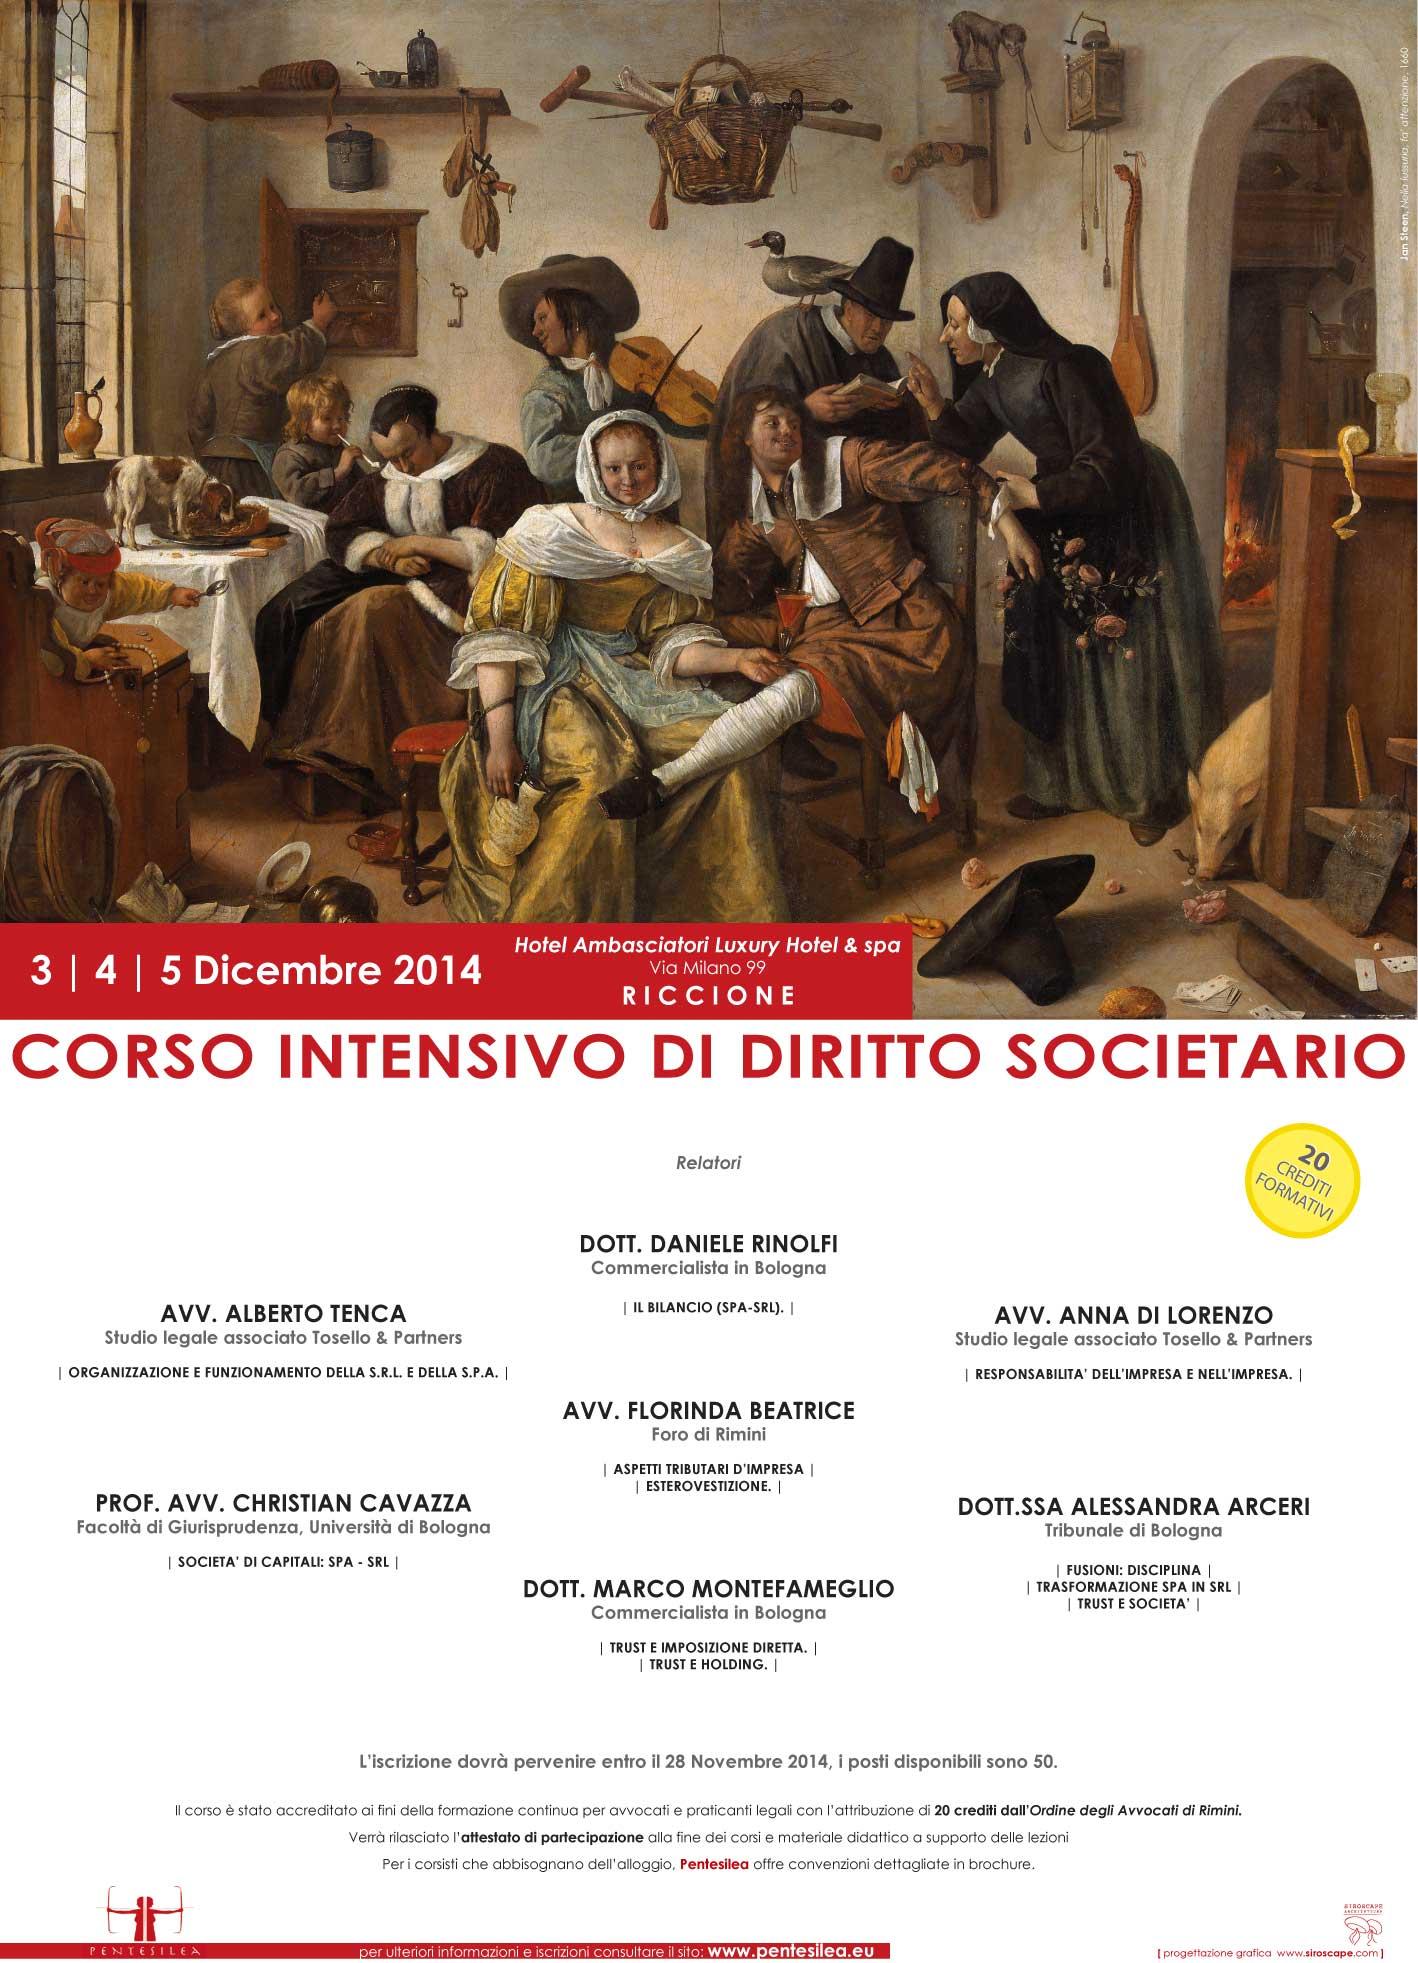 DIRITTO SOCIETARIO #20CF